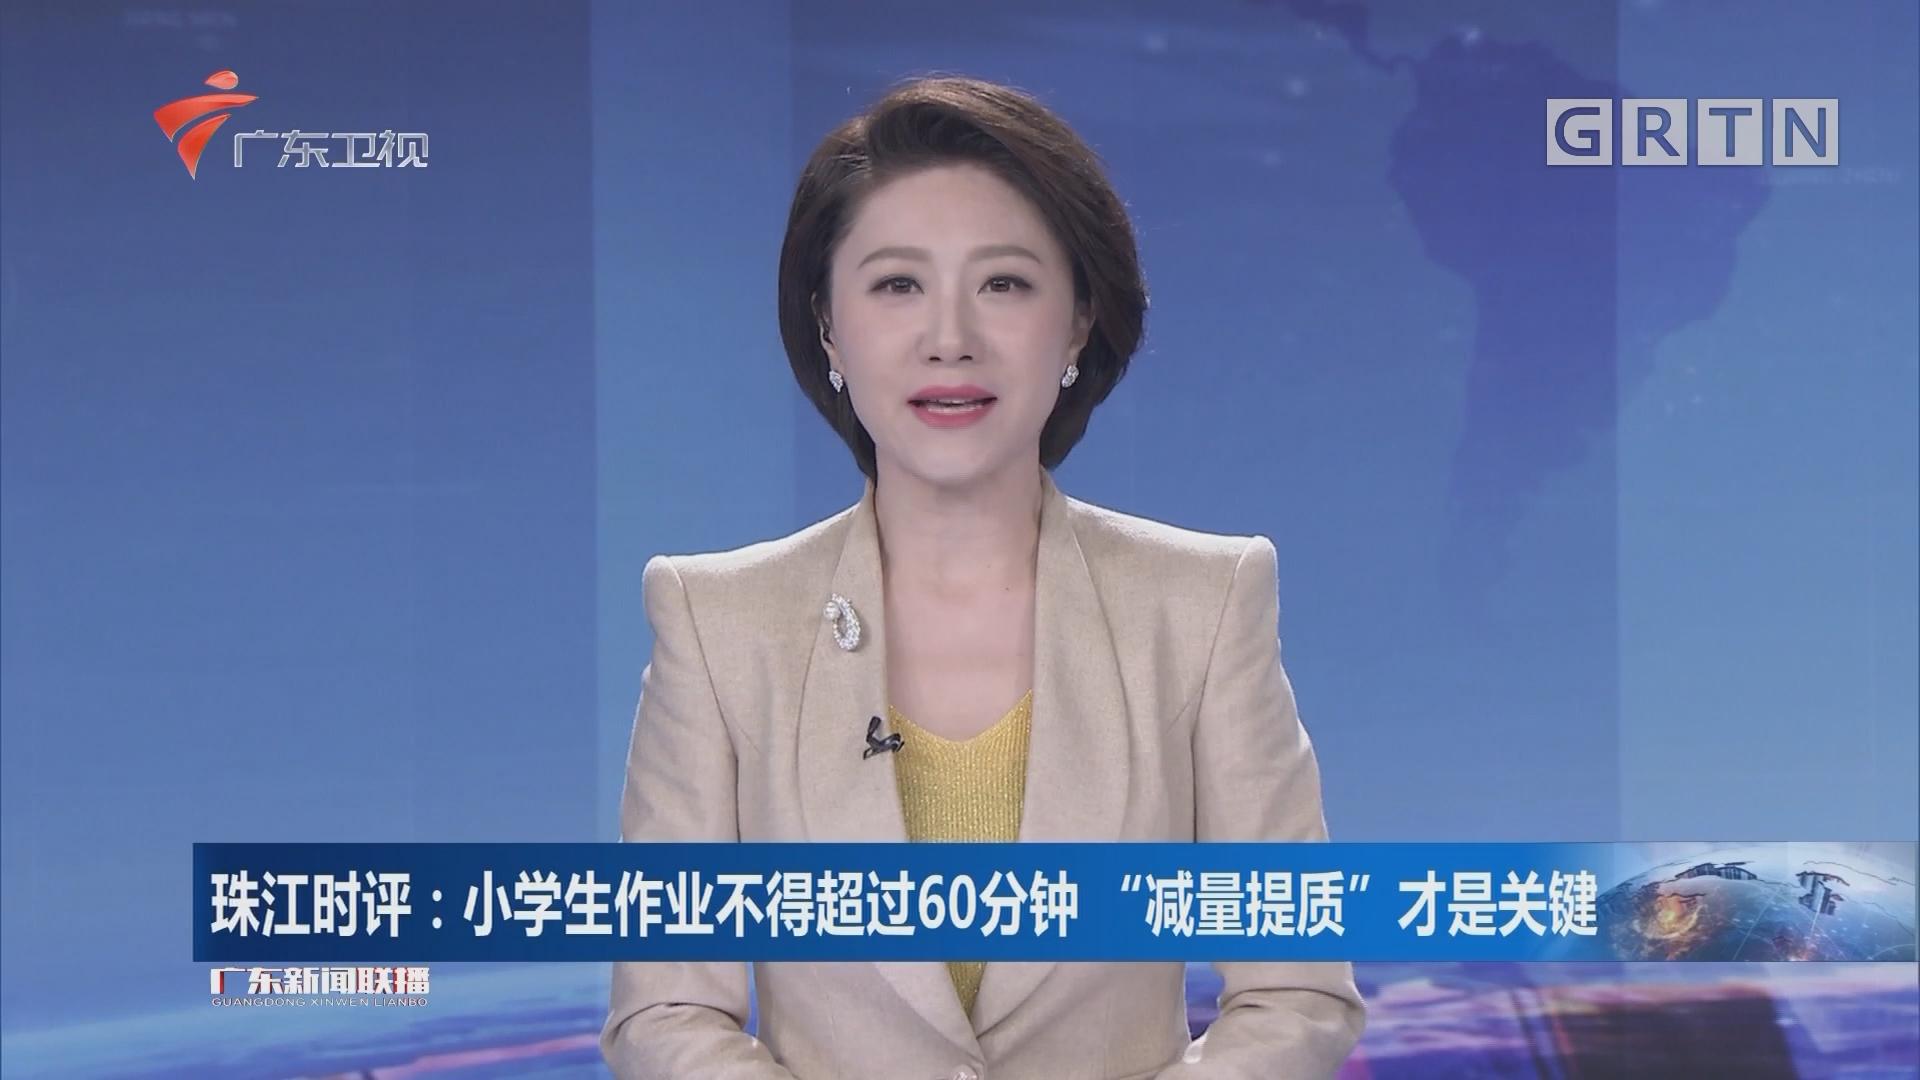 """珠江时评:小学生作业不得超过60分钟 """"减量提质""""才是关键"""